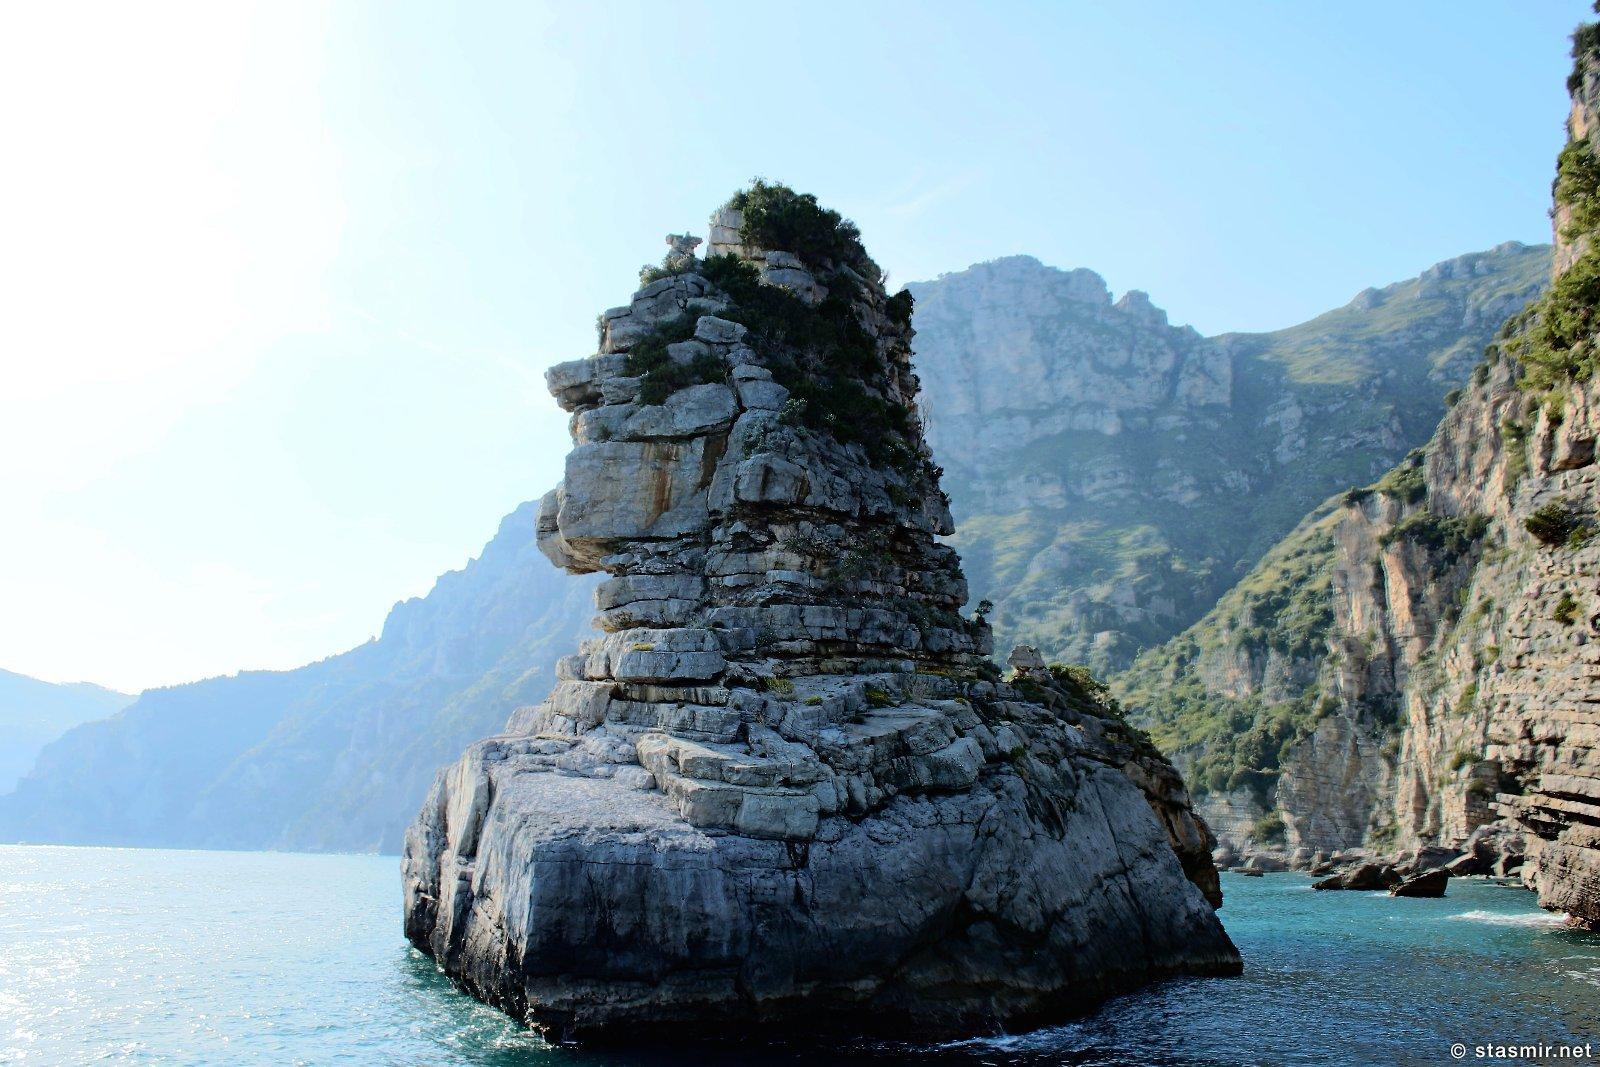 прибрежные образования в заливе Салерно, фото Стасмир, photo Stasmir